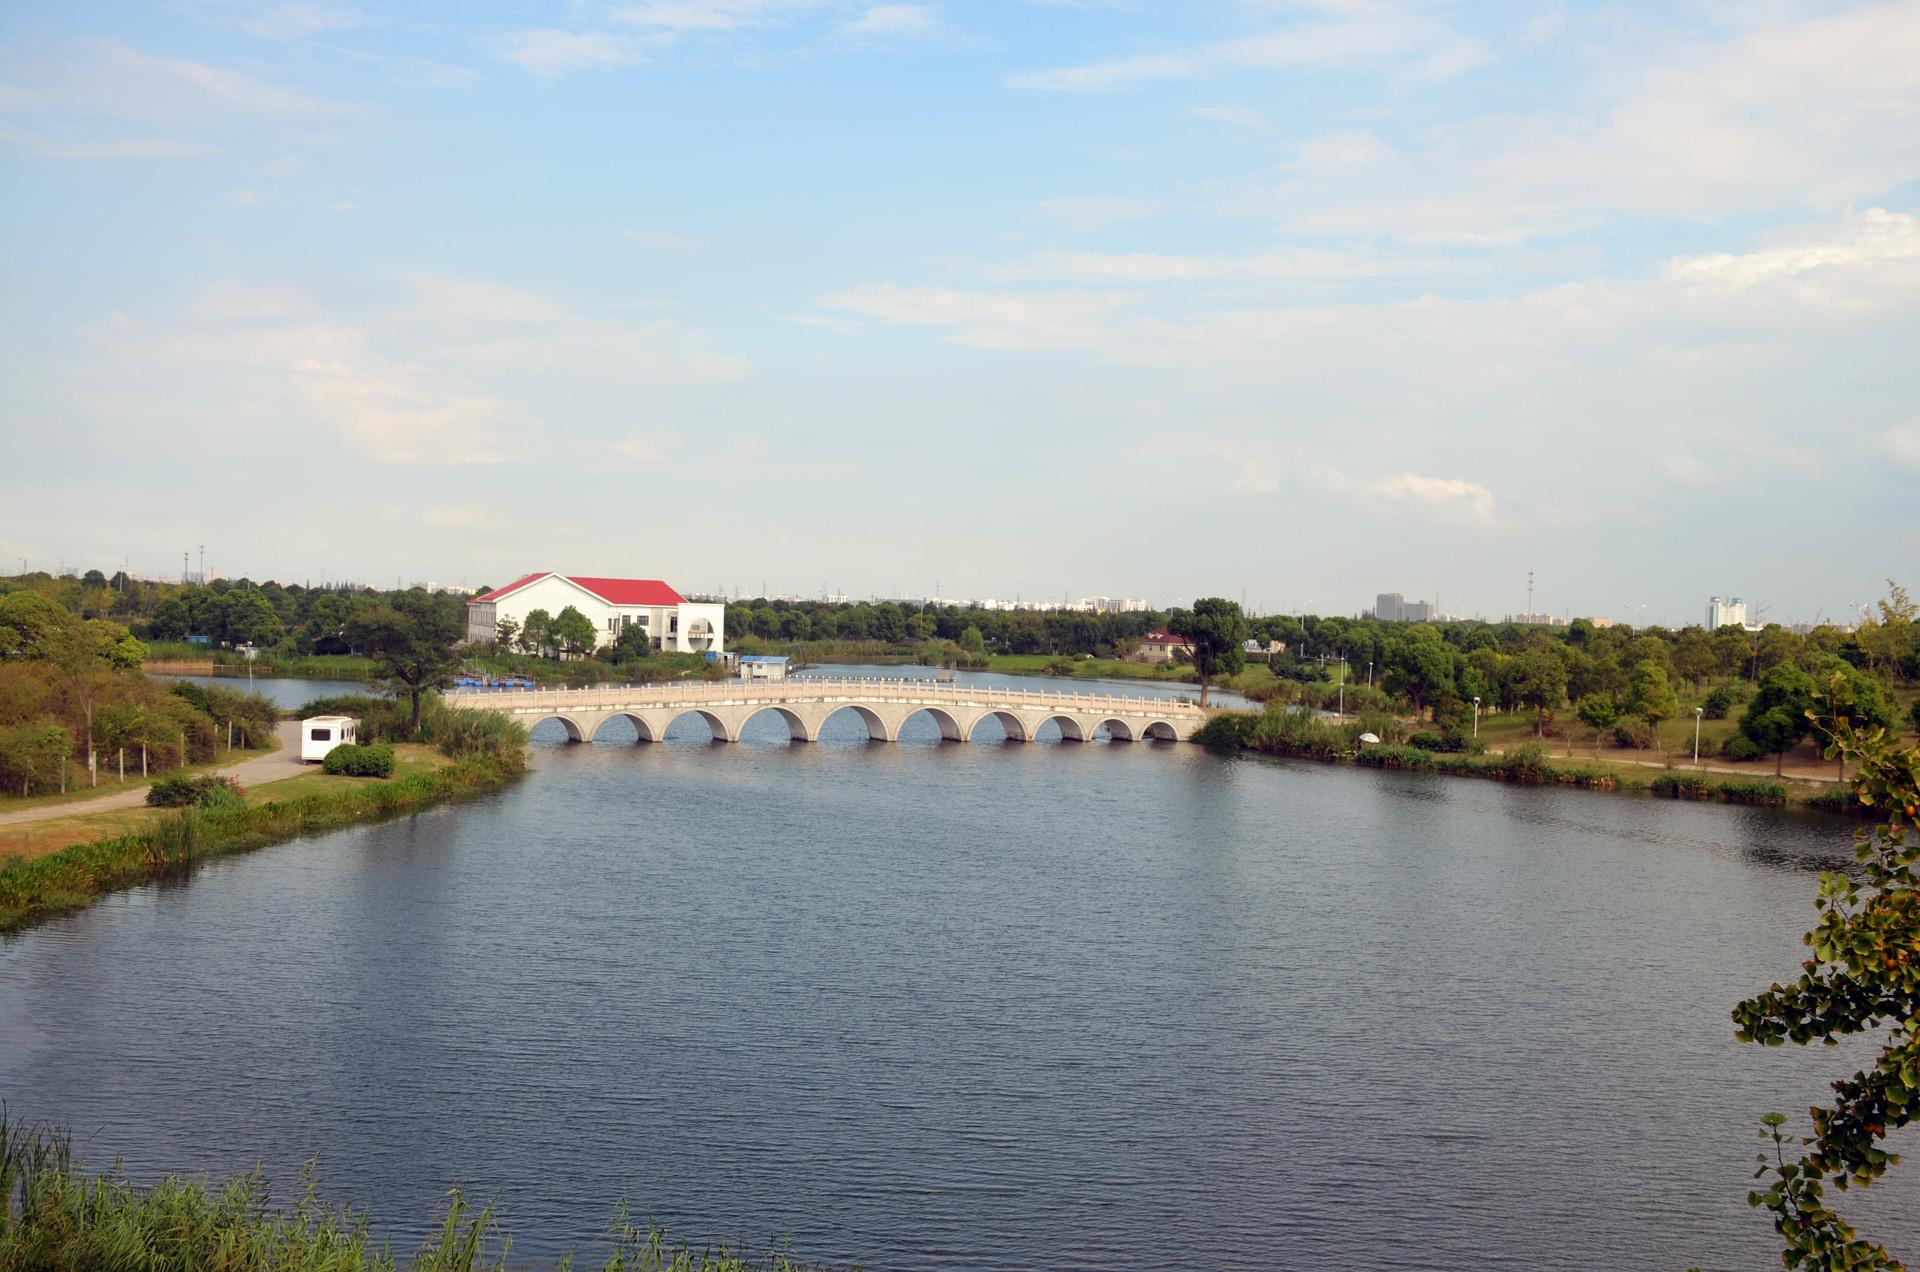 娄东生态园太仓娄东商务休闲垂钓中心风景秀丽 这里是太仓 摄影 第3张